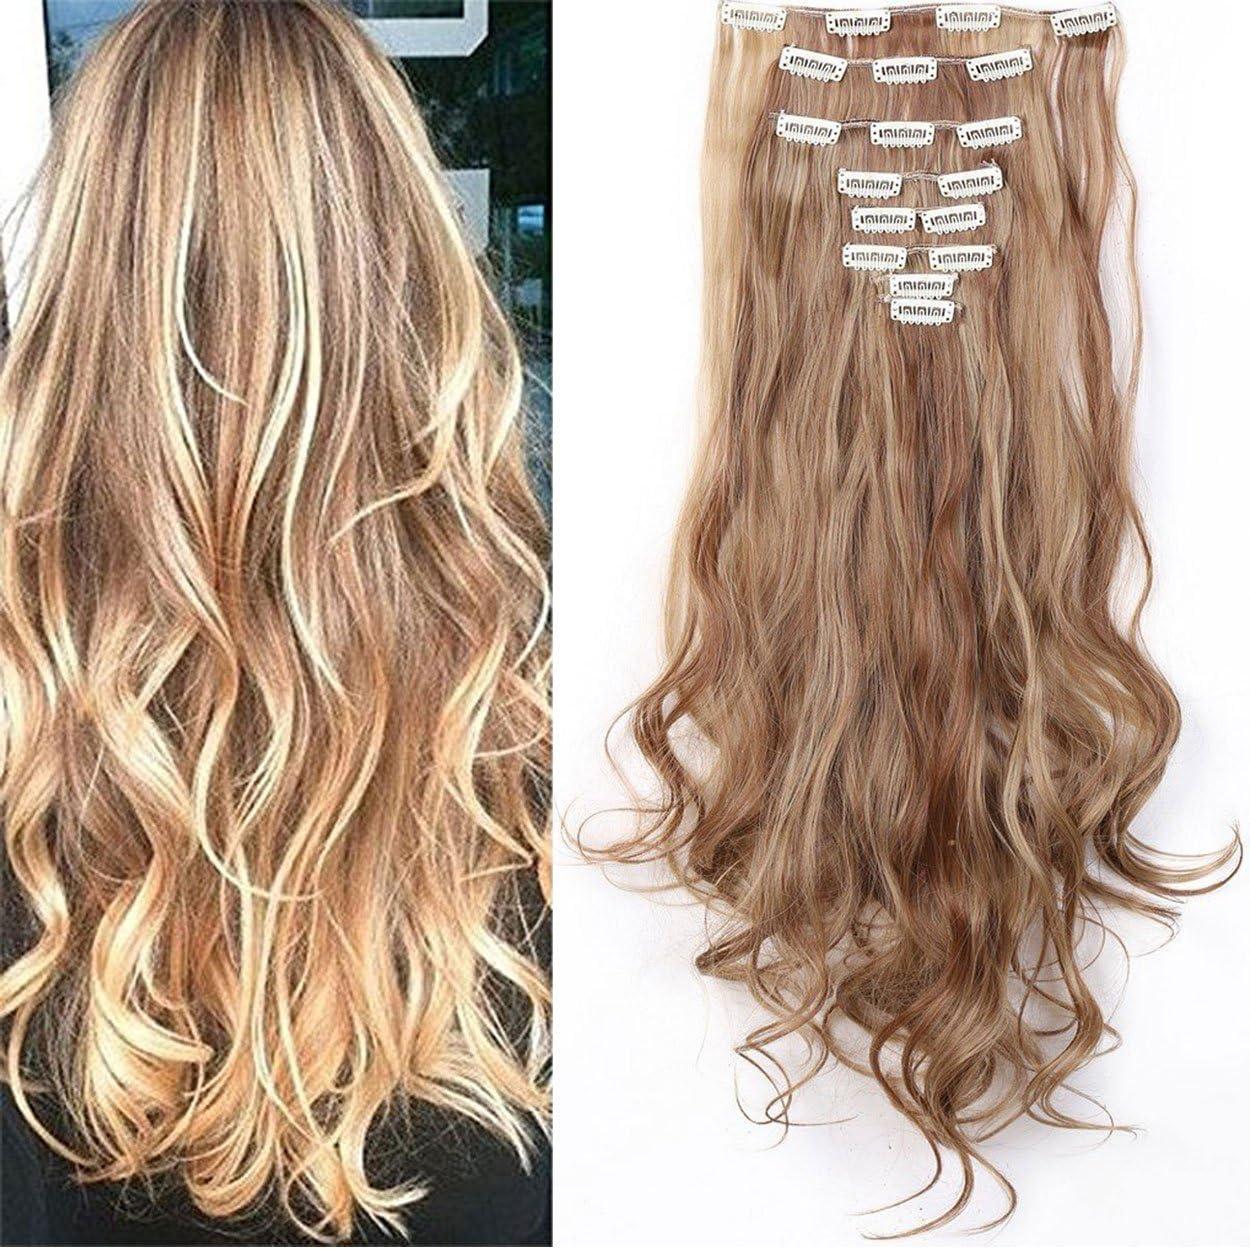 S-noilite® Set 8pcs 60cm extension capelli clip nelle estensioni dei capelli della parte dei capelli ondulato o liscio pieno Testa vari colori Marrone chiaro e cenere bionda